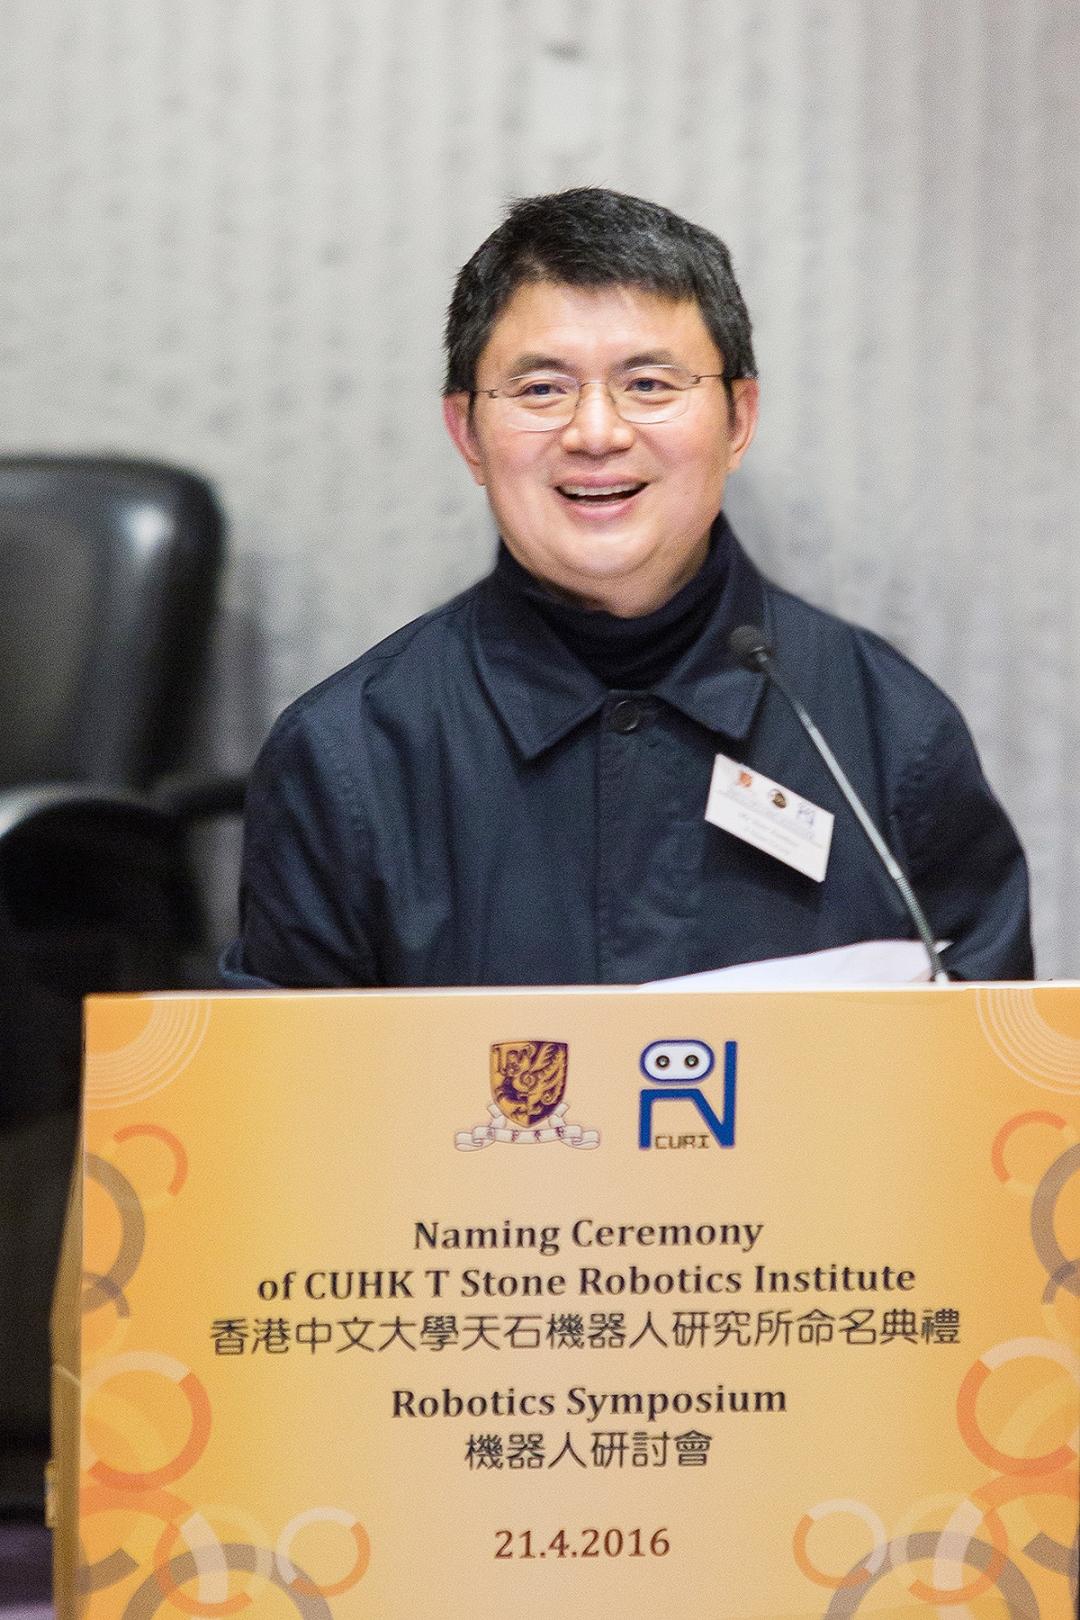 天石集團戰略委員會主席肖建華先生表示很高興能夠支持中大在創新科技上的發展。